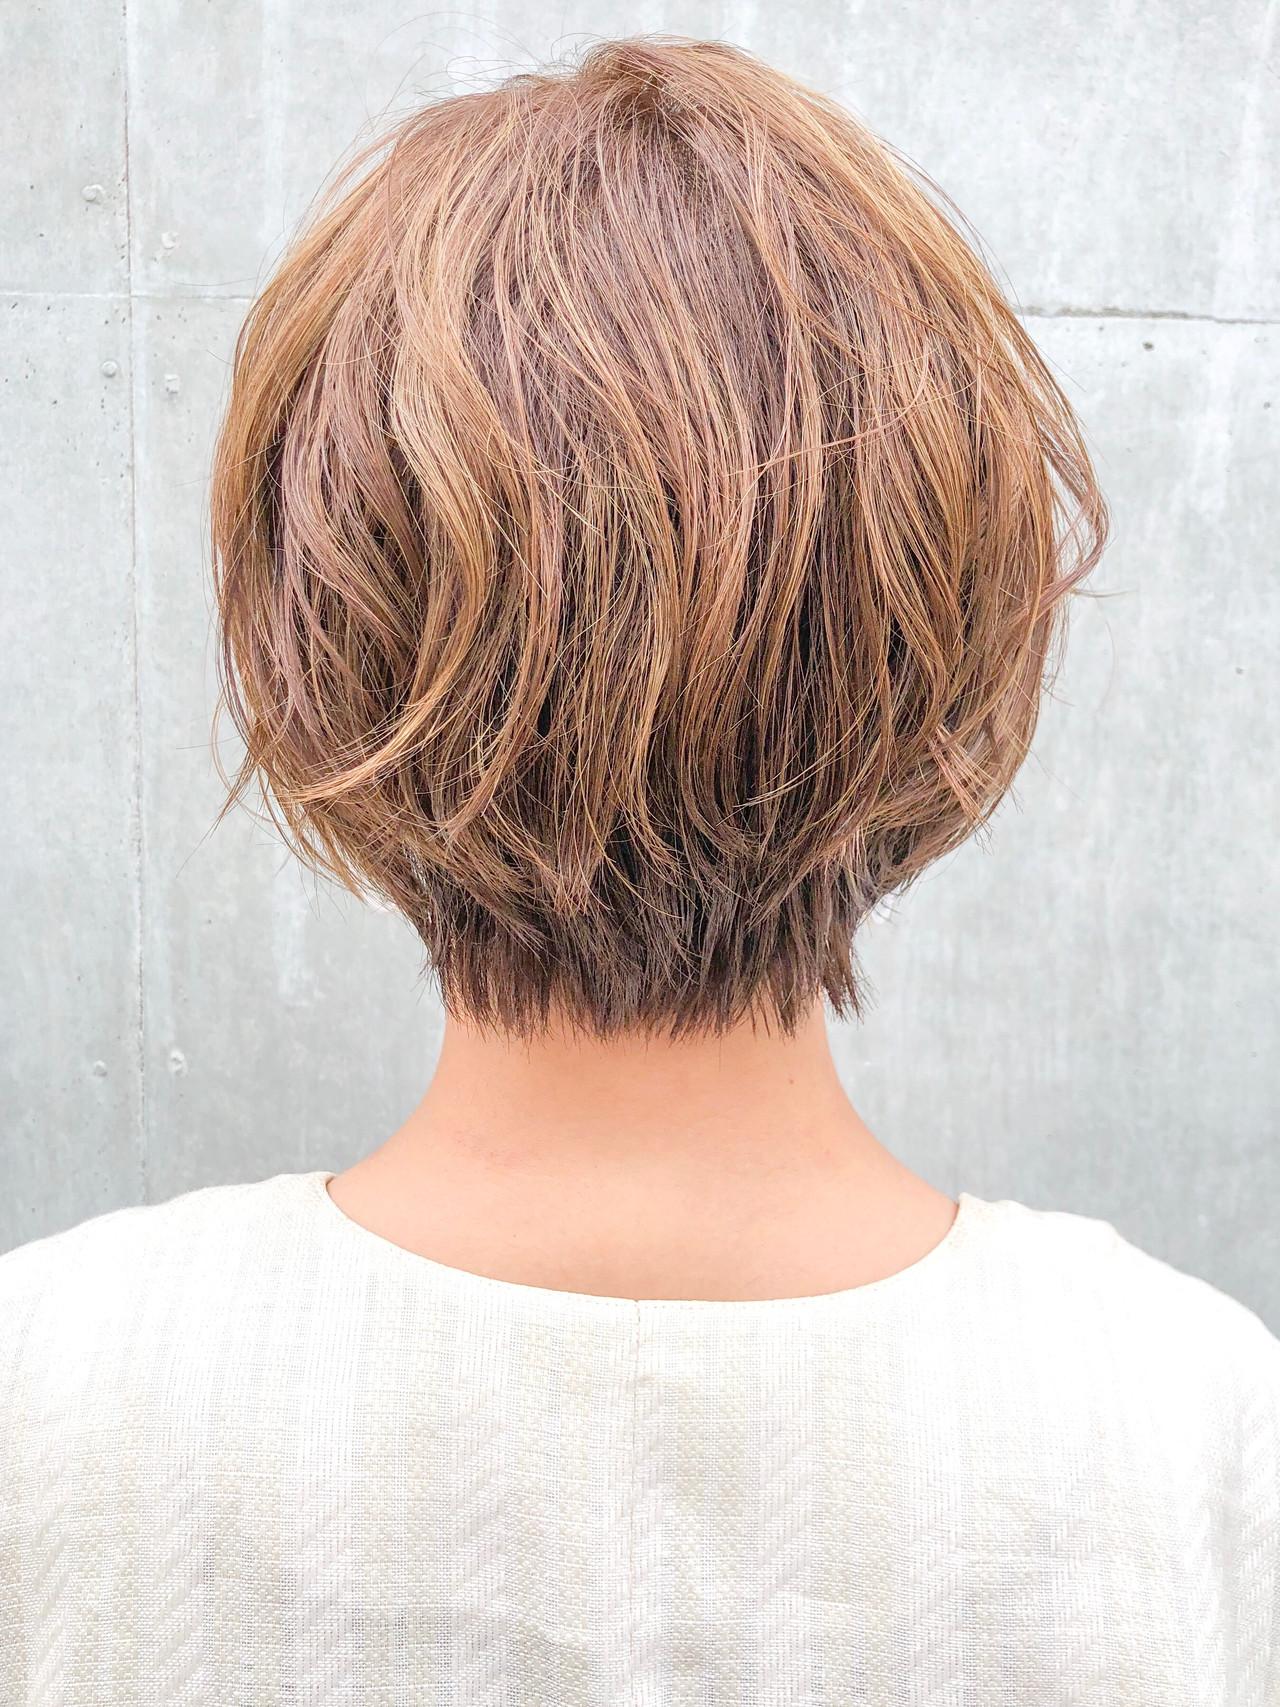 ショート ショートヘア デジタルパーマ ショートボブ ヘアスタイルや髪型の写真・画像 | 本田結(ほんだゆい)dydi表参道 / dydi表参道